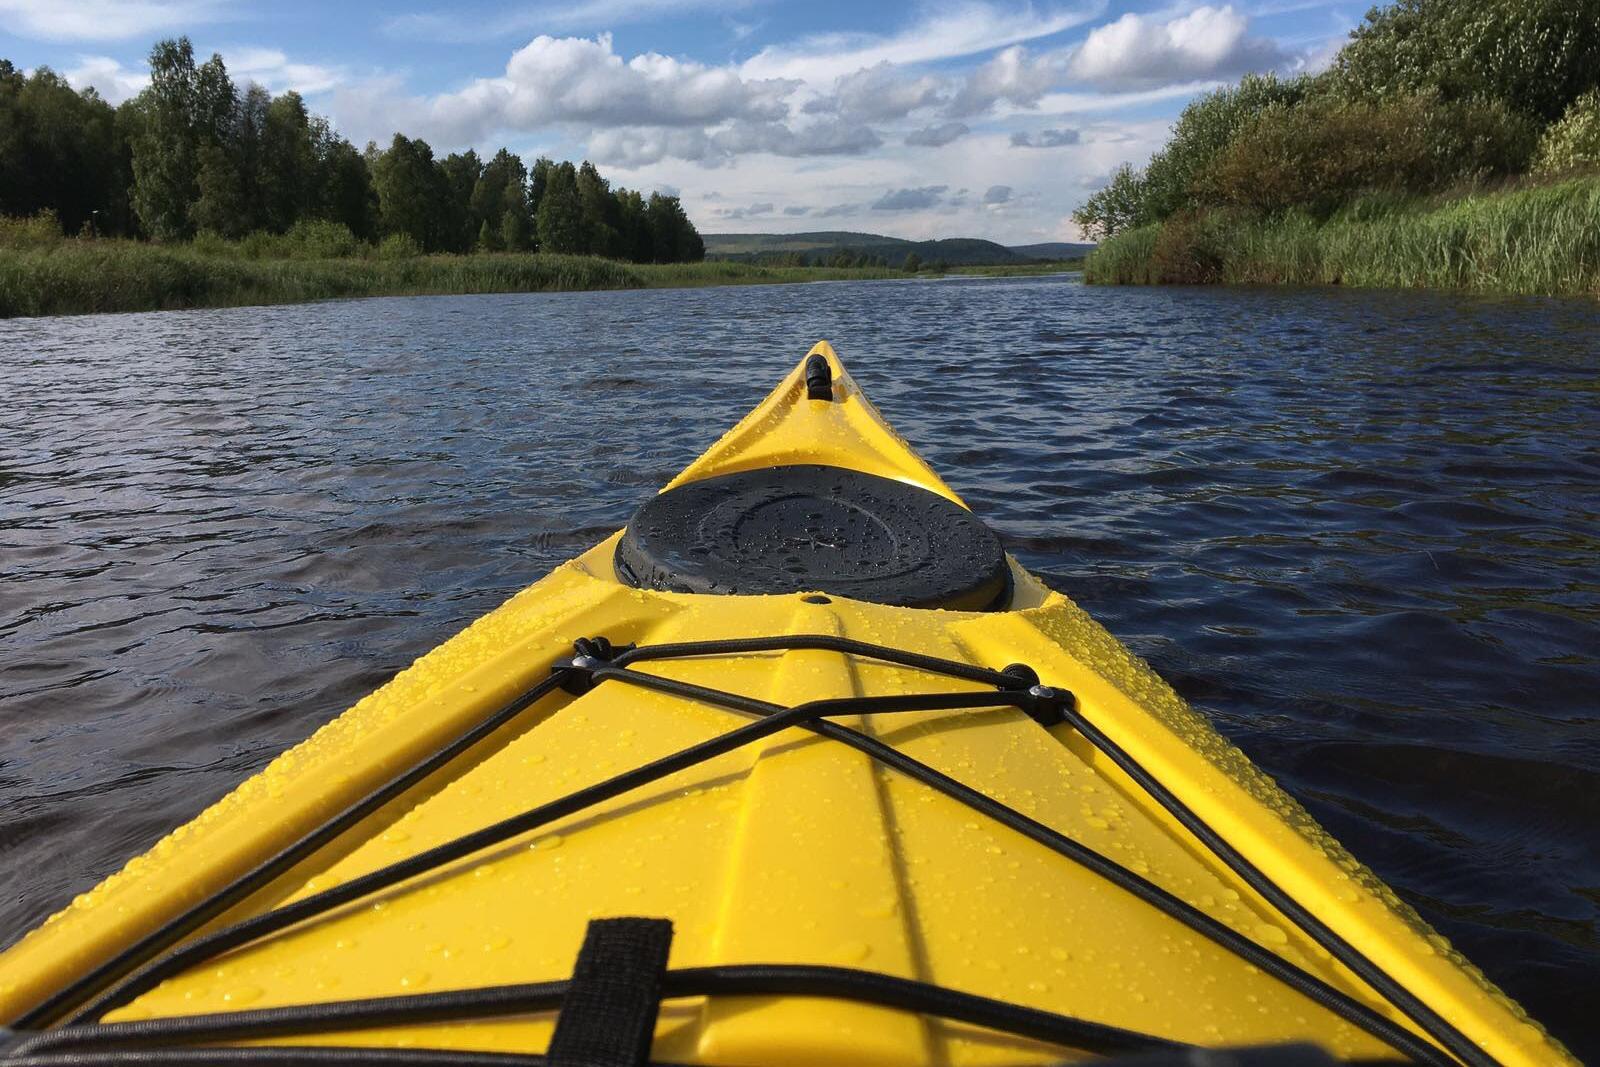 Canoe rental Norrsken Lodge Övertorneå